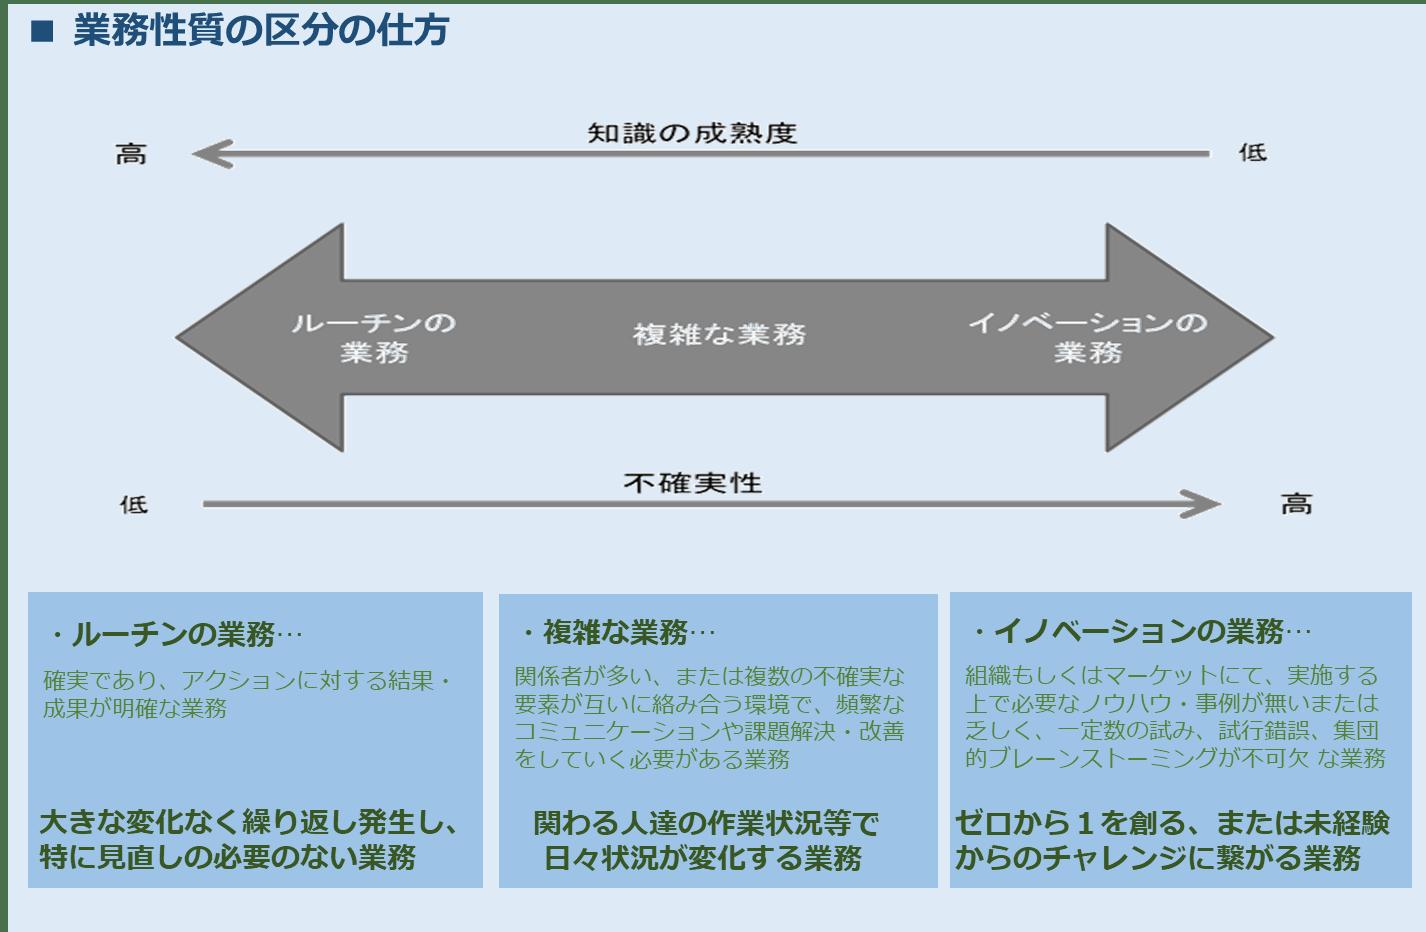 画像<業務性質の区分の仕方>